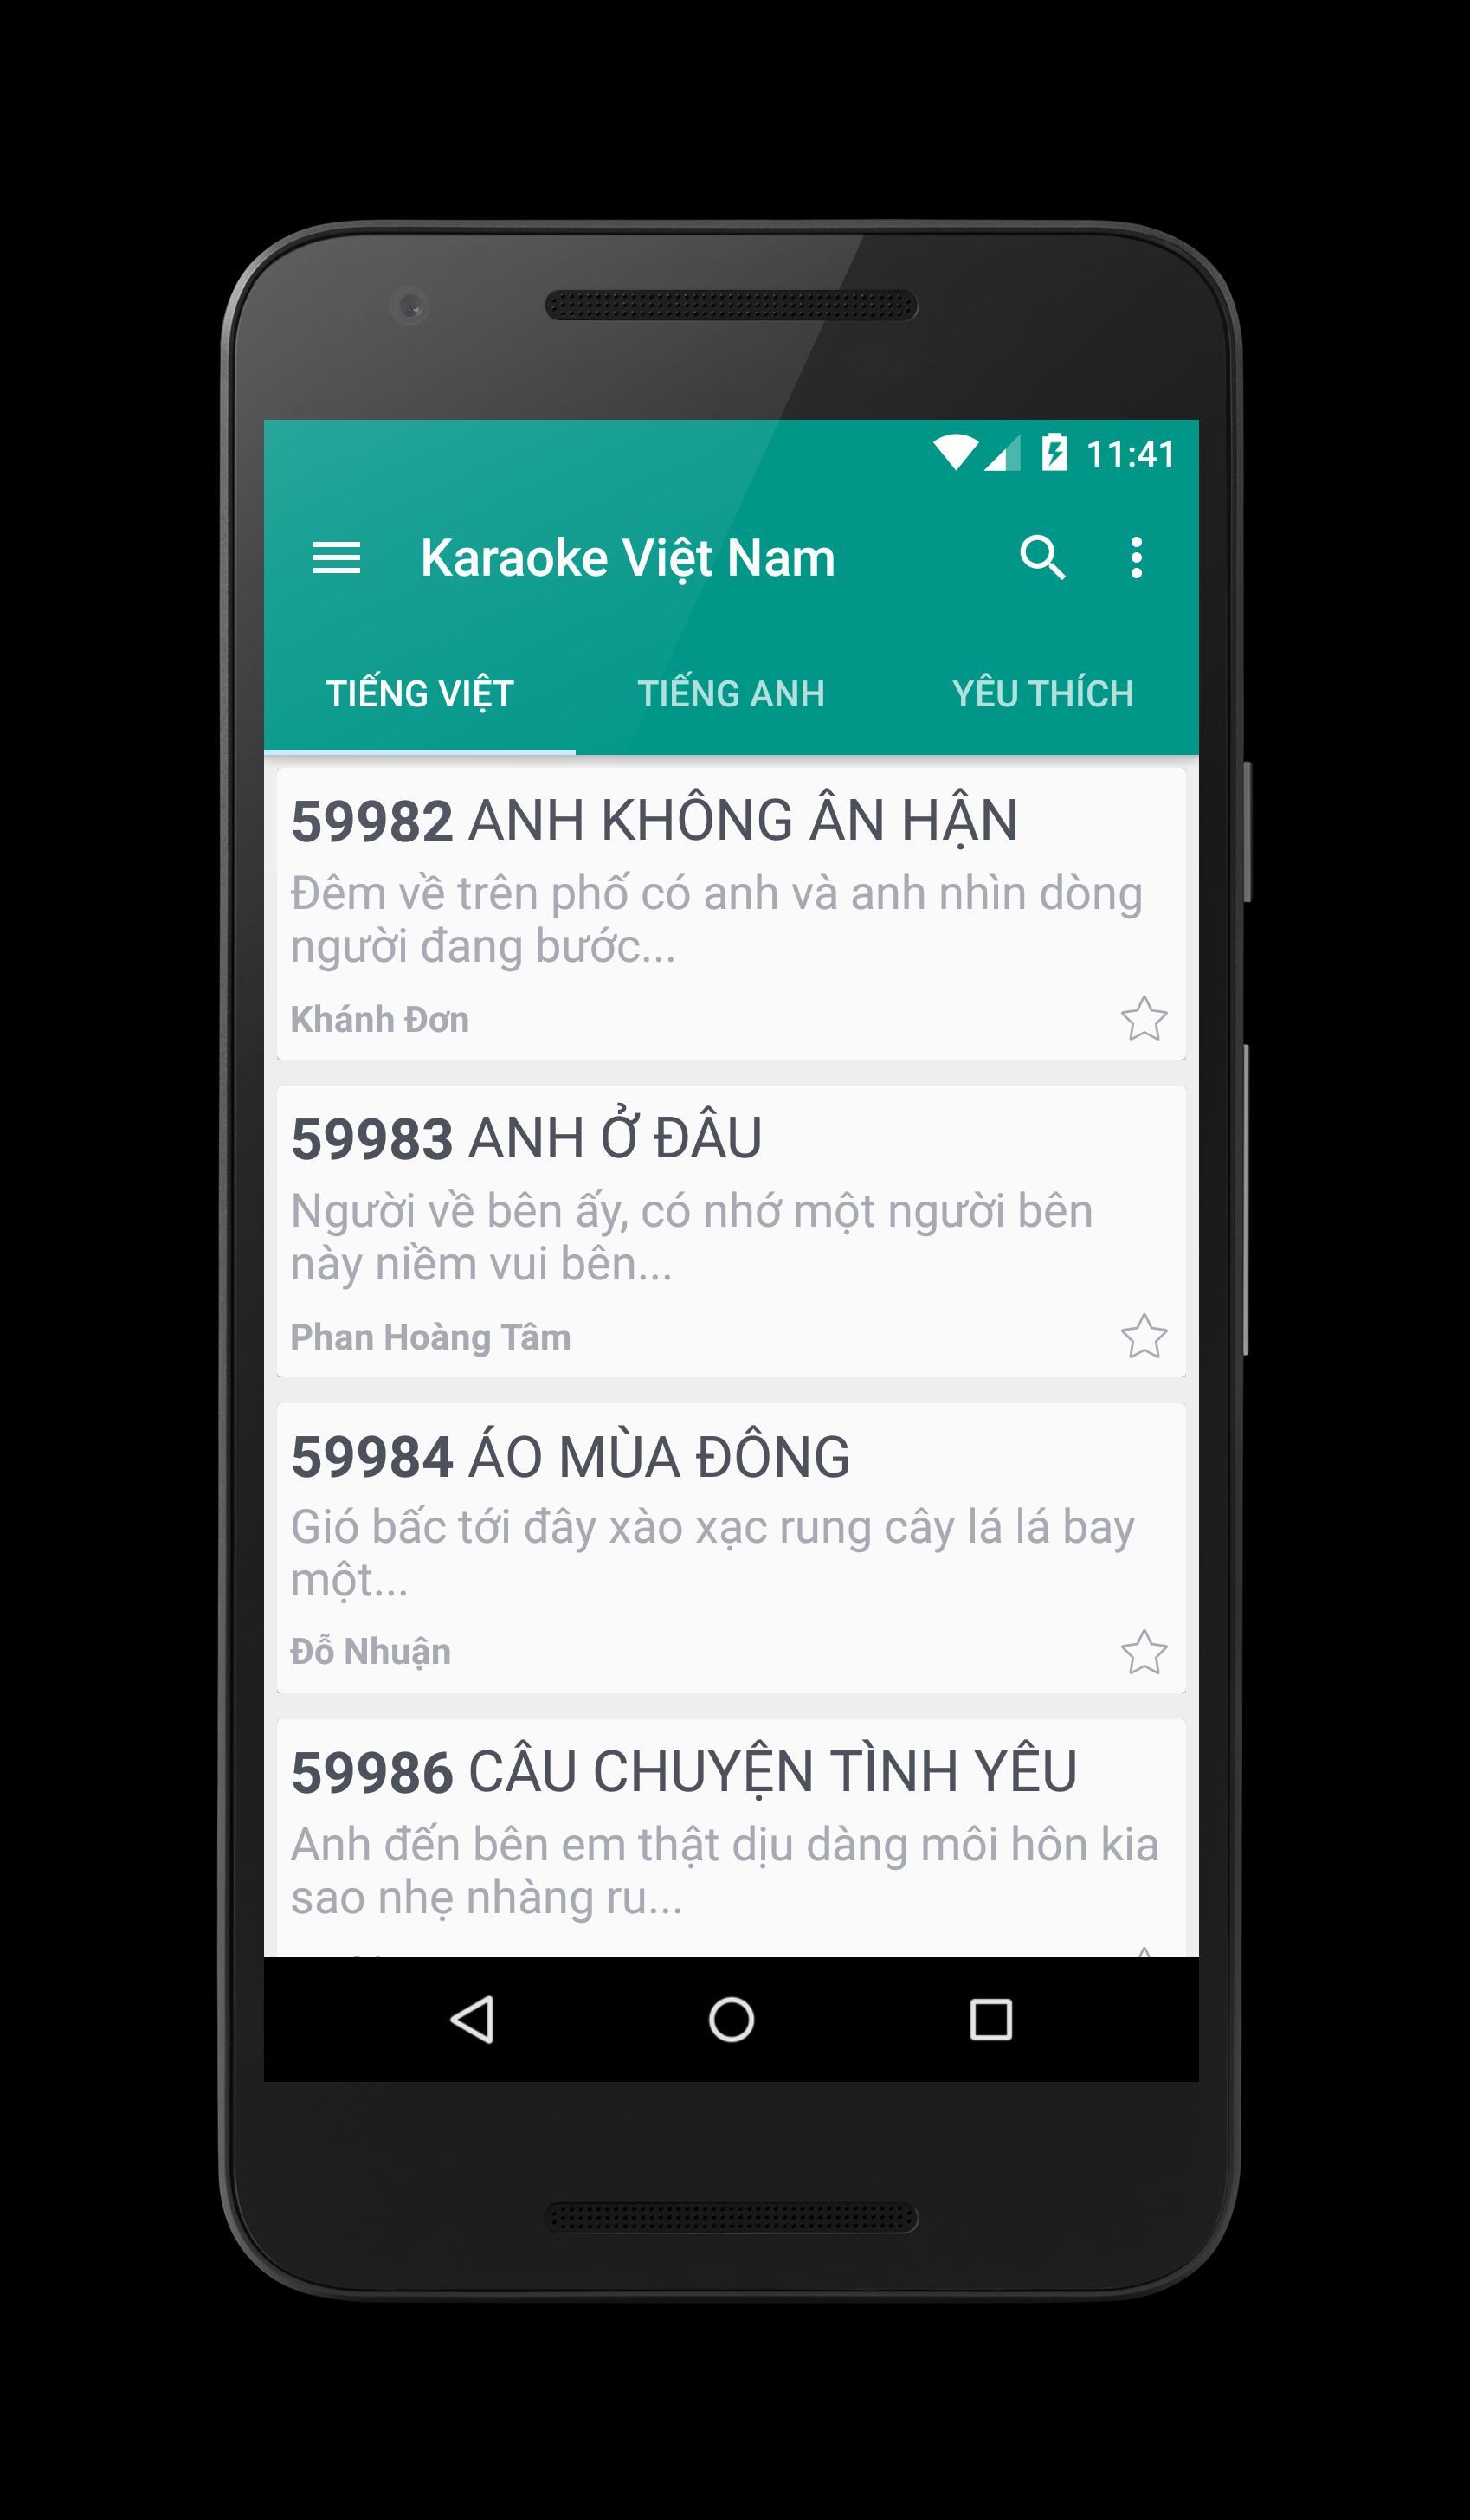 Karaoke Việt Nam For Android Apk Download